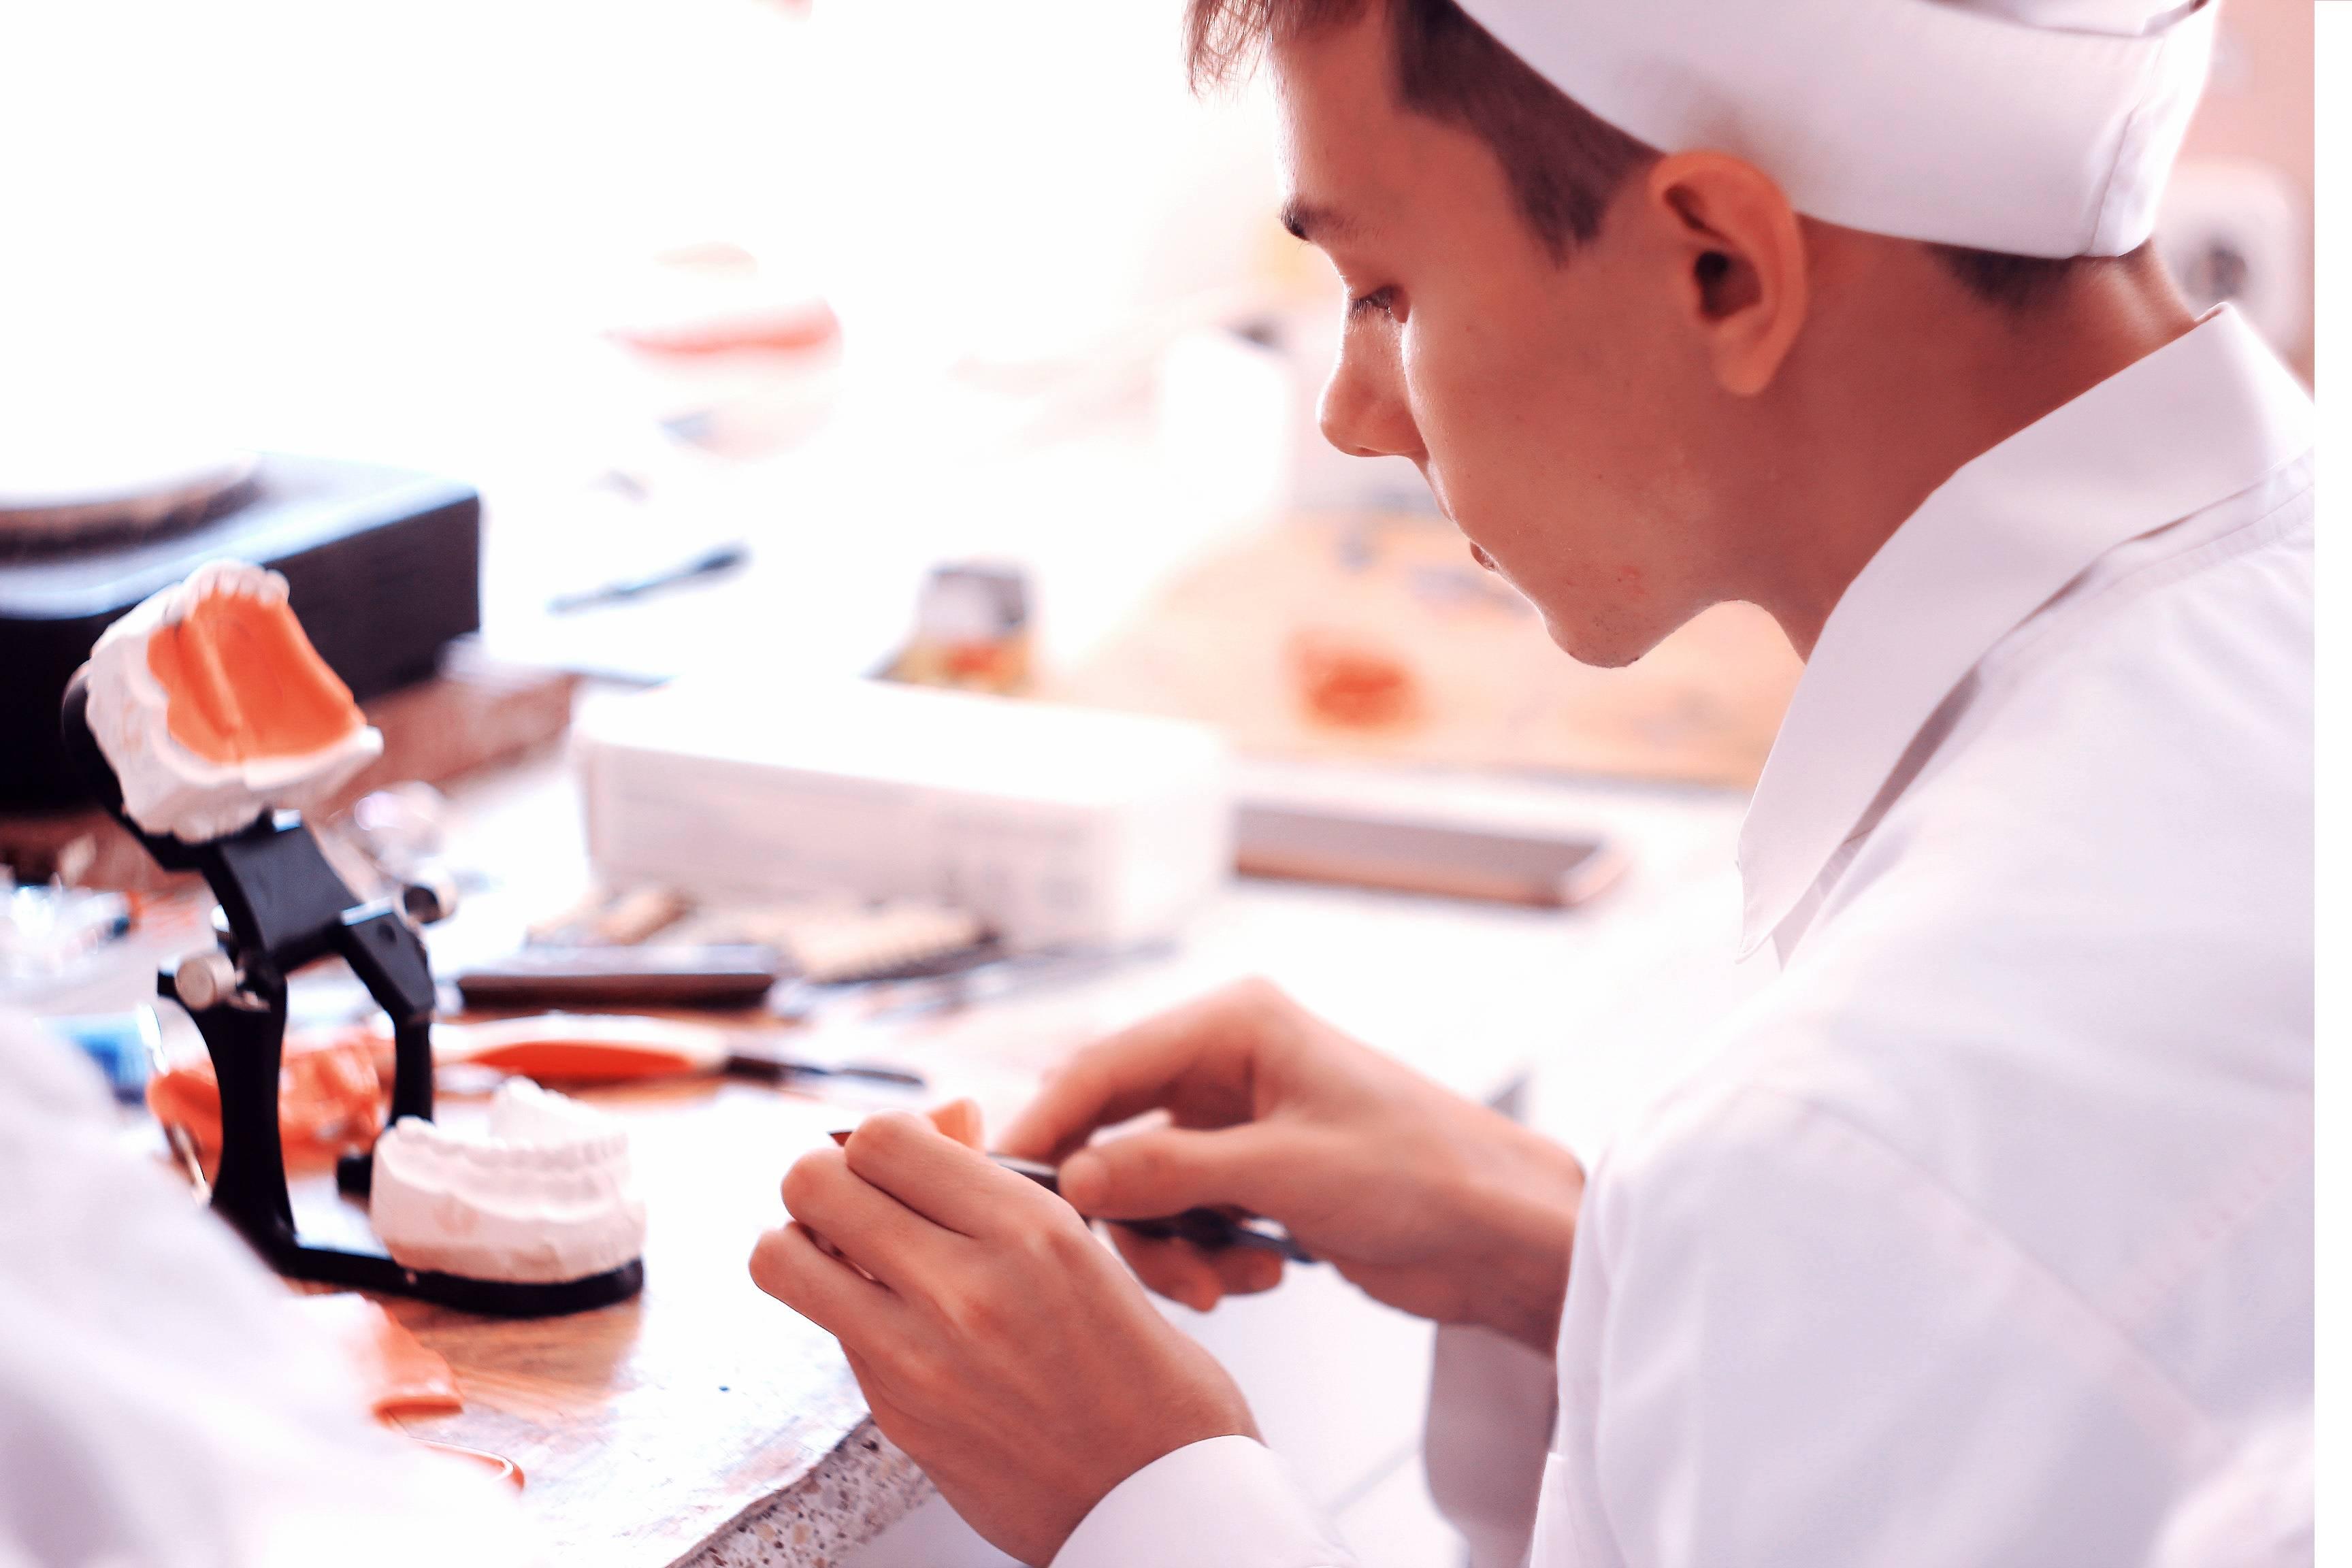 Курс стоматология ортопедическая зубной техник обучение - профессиональная переподготовка